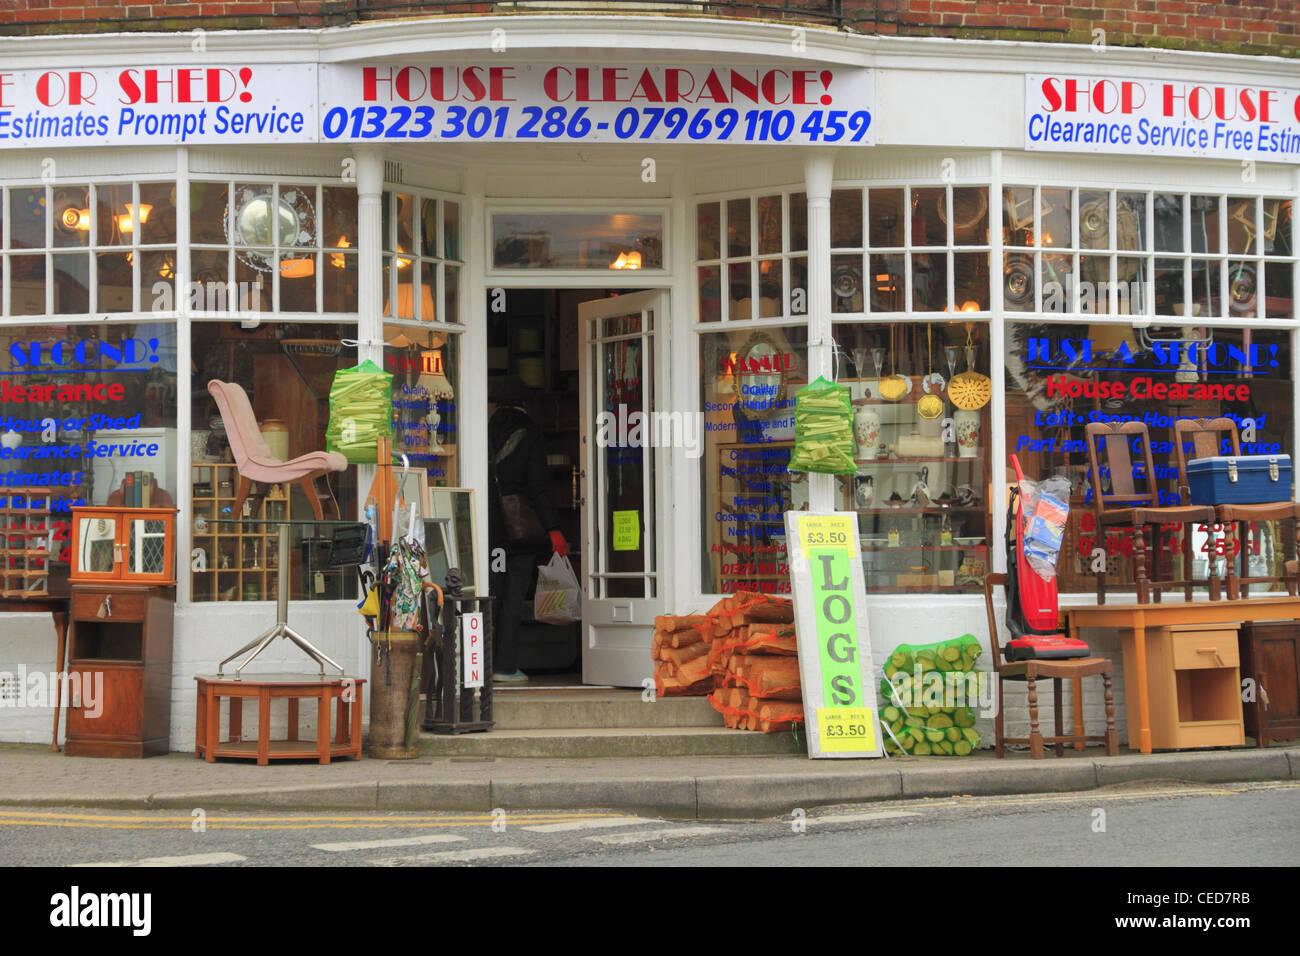 Shop Haus Abstand Bric Einem Brac Zweite 2nd Hand Gebrauchte Mobel Antiquitaten Vorne Shops Strasse Stockbild